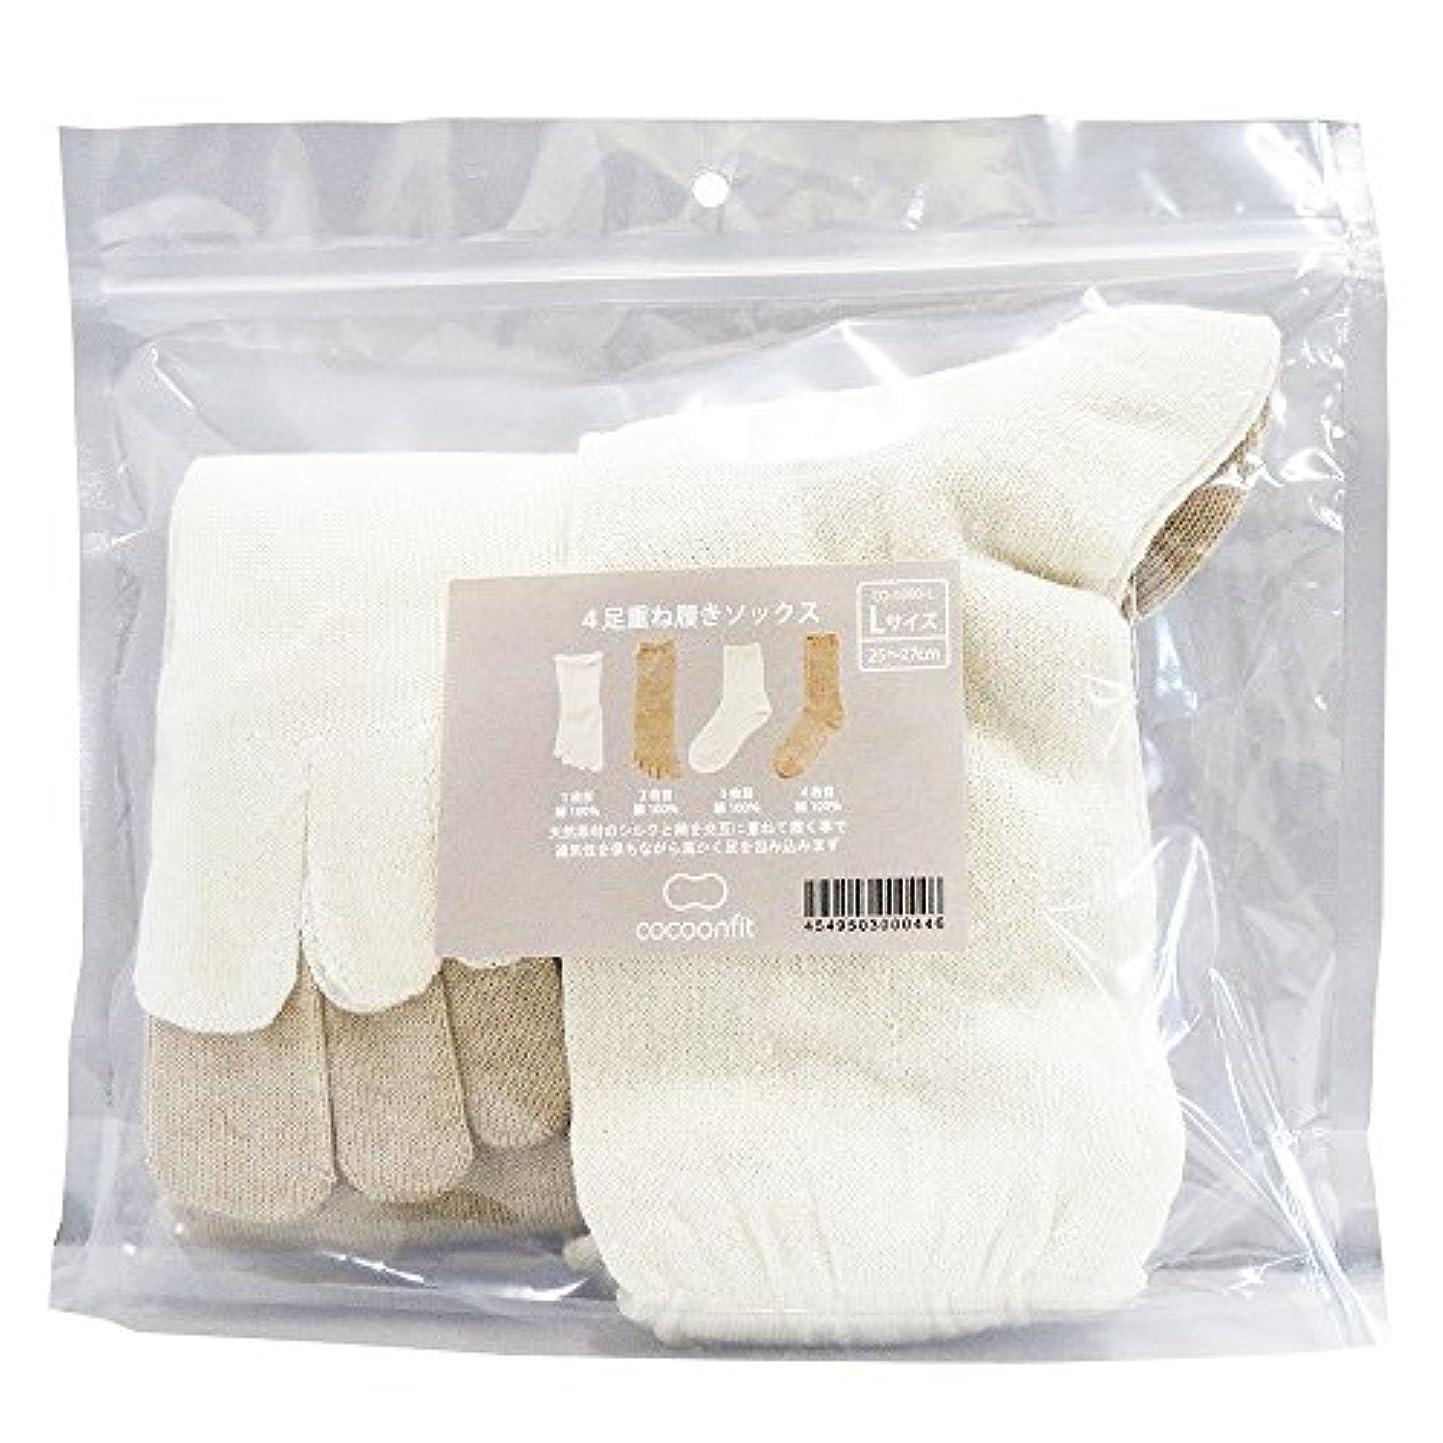 に向けて出発私たちのもの子供っぽいコクーンフィット イノセントシリーズ 4足重ね履きソックス メンズ CO-0390-L